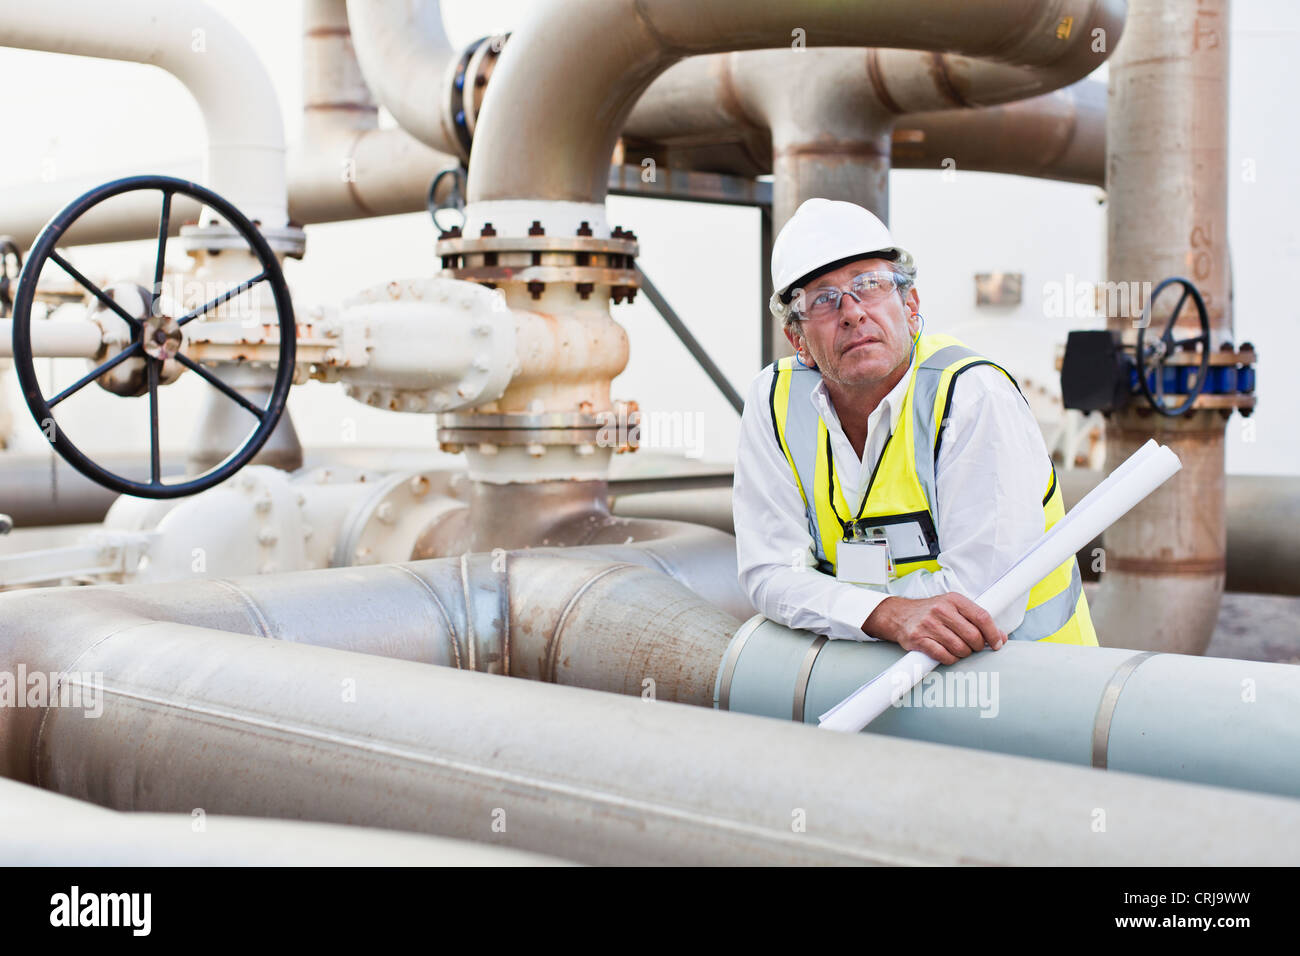 Lavoratore su tubazioni in impianti chimici Immagini Stock